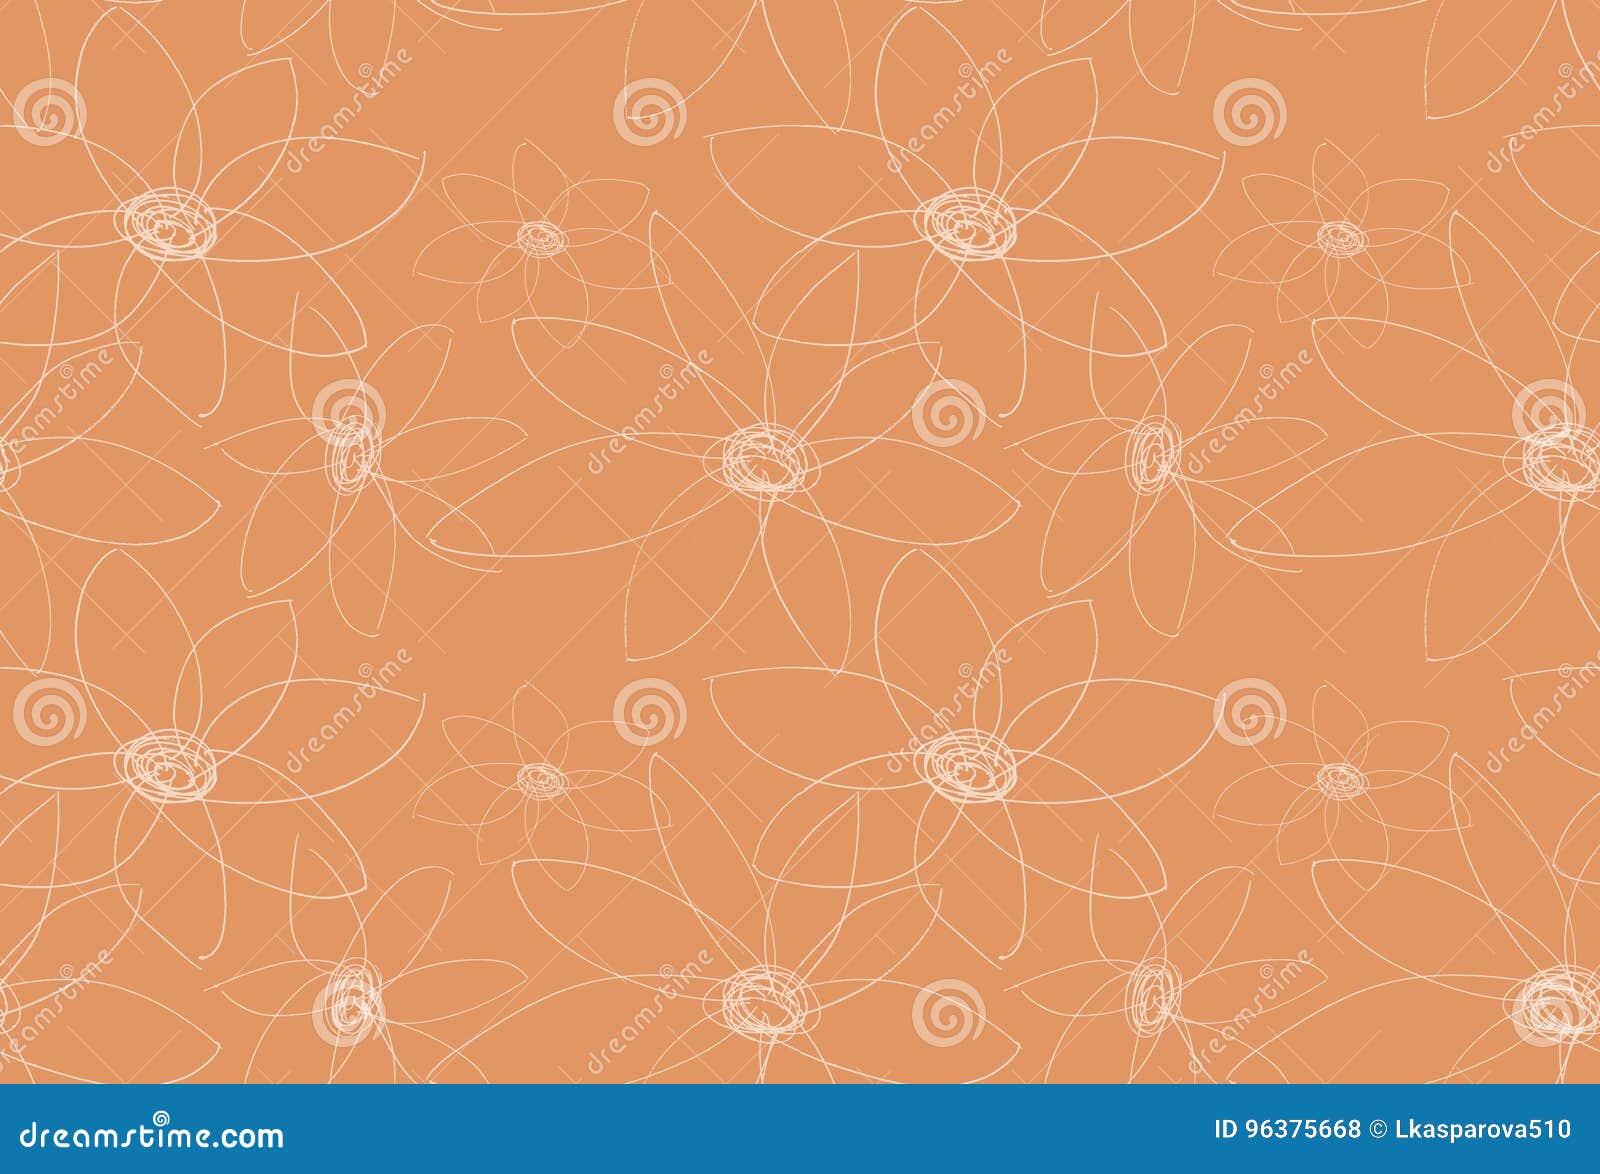 Dekoratives orange mit Blumenmuster